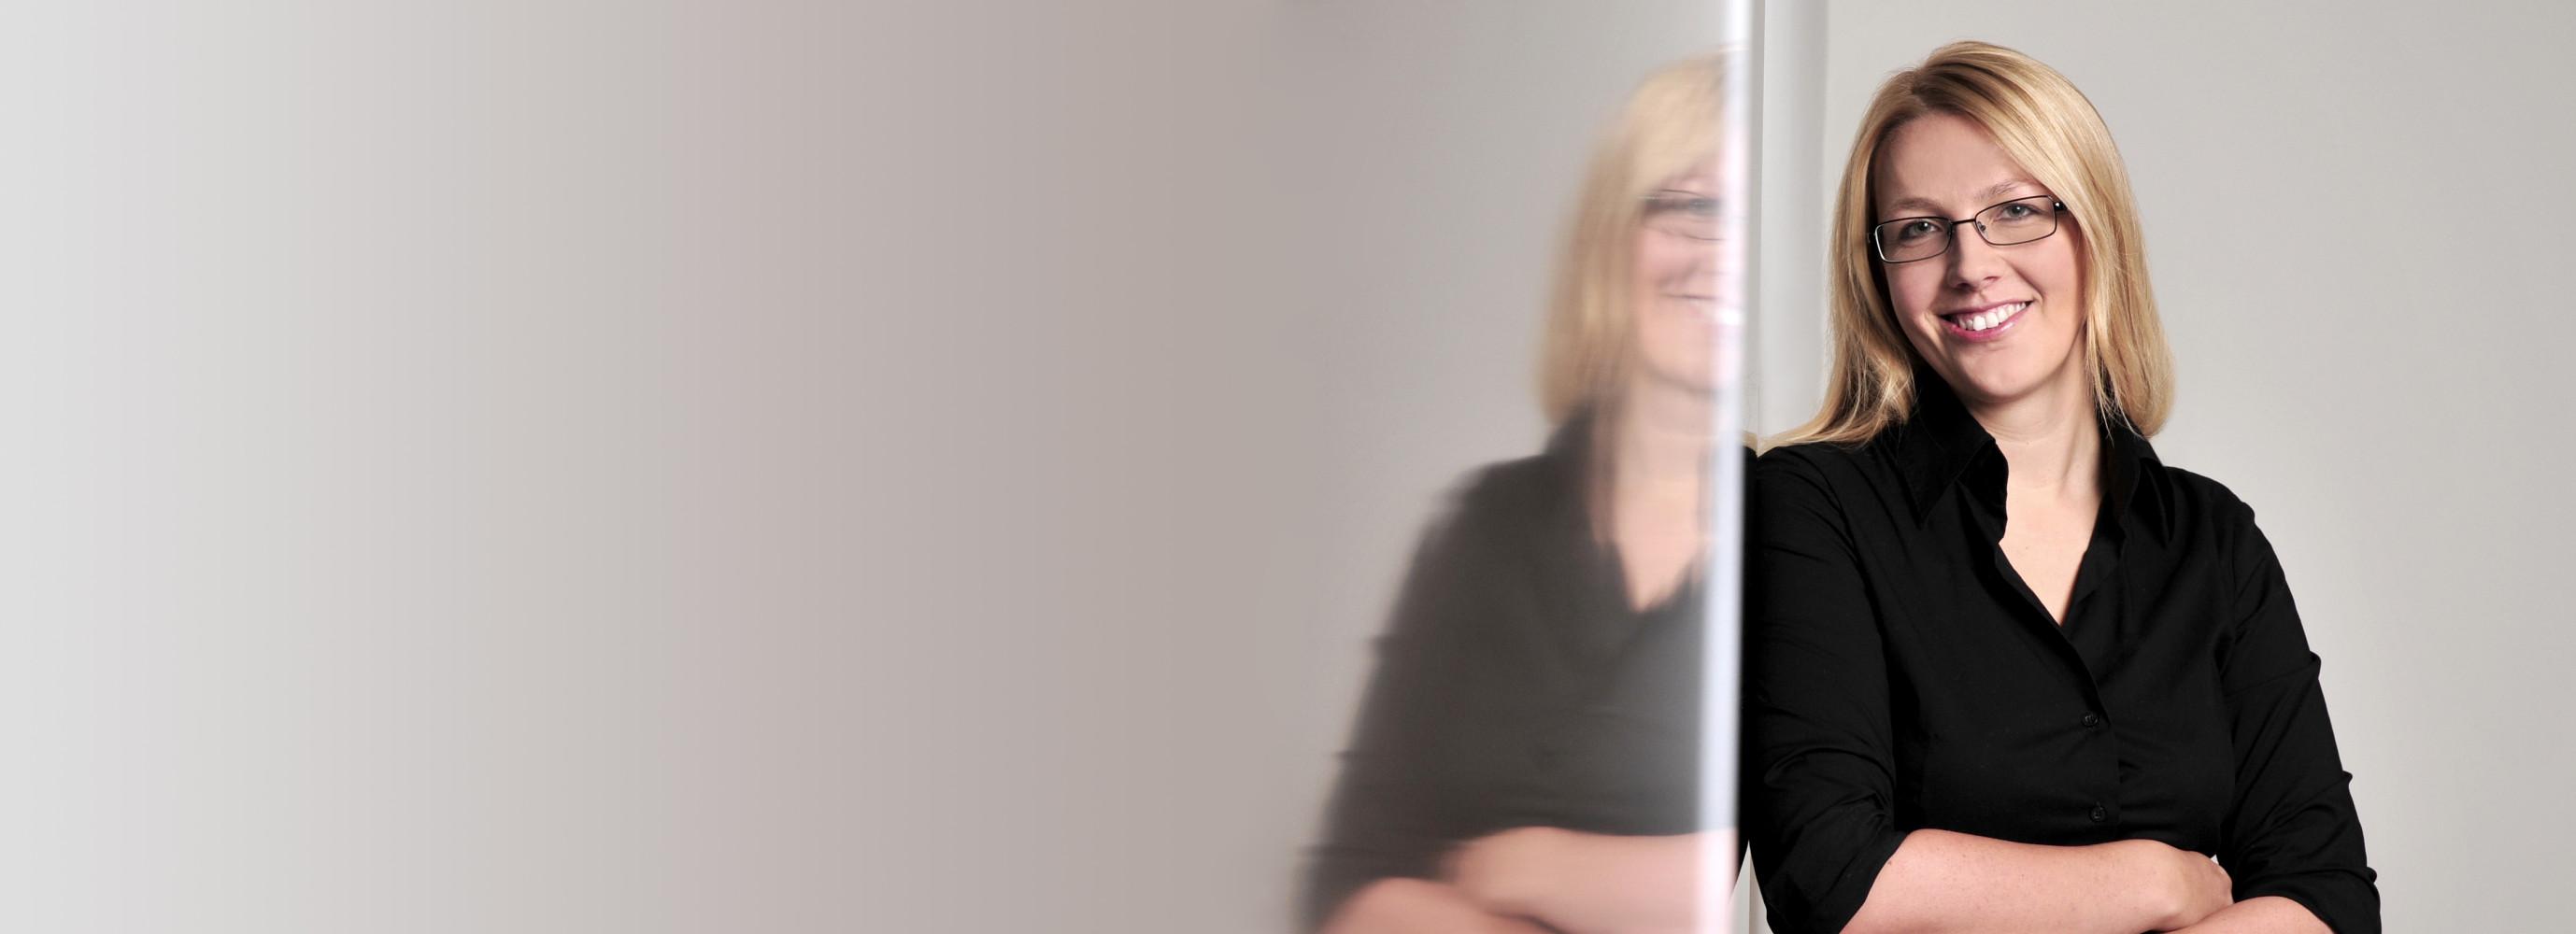 Laura-Viebig